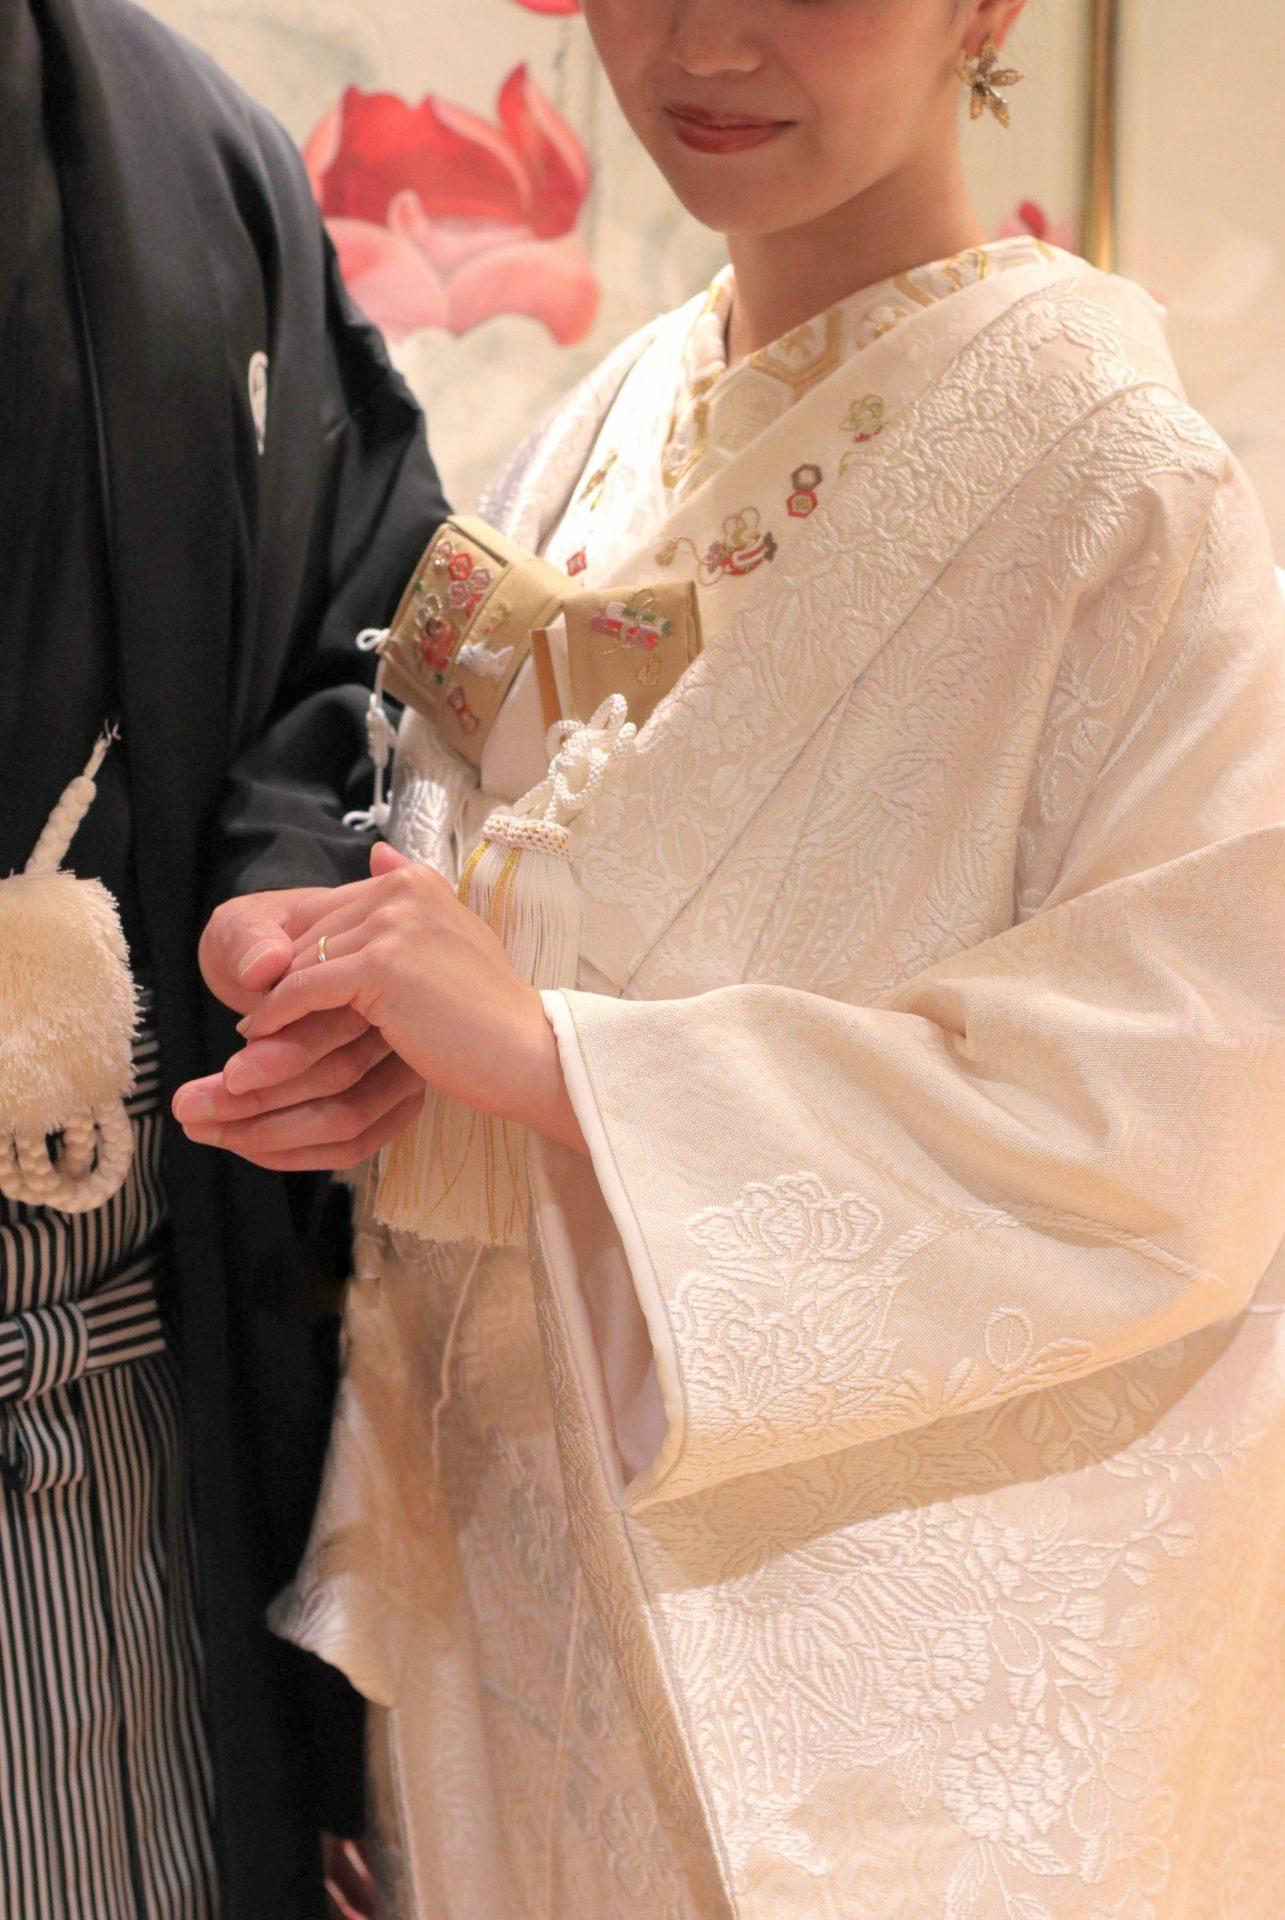 THETREATDRESSINGアディション店より新年最初にご紹介させていたくお衣裳は、室町時代から受け継がれてきた正装である婚礼衣装の白無垢で、紋付き袴姿のご新郎様と寄り添うお洒落な和装のコーディネートです